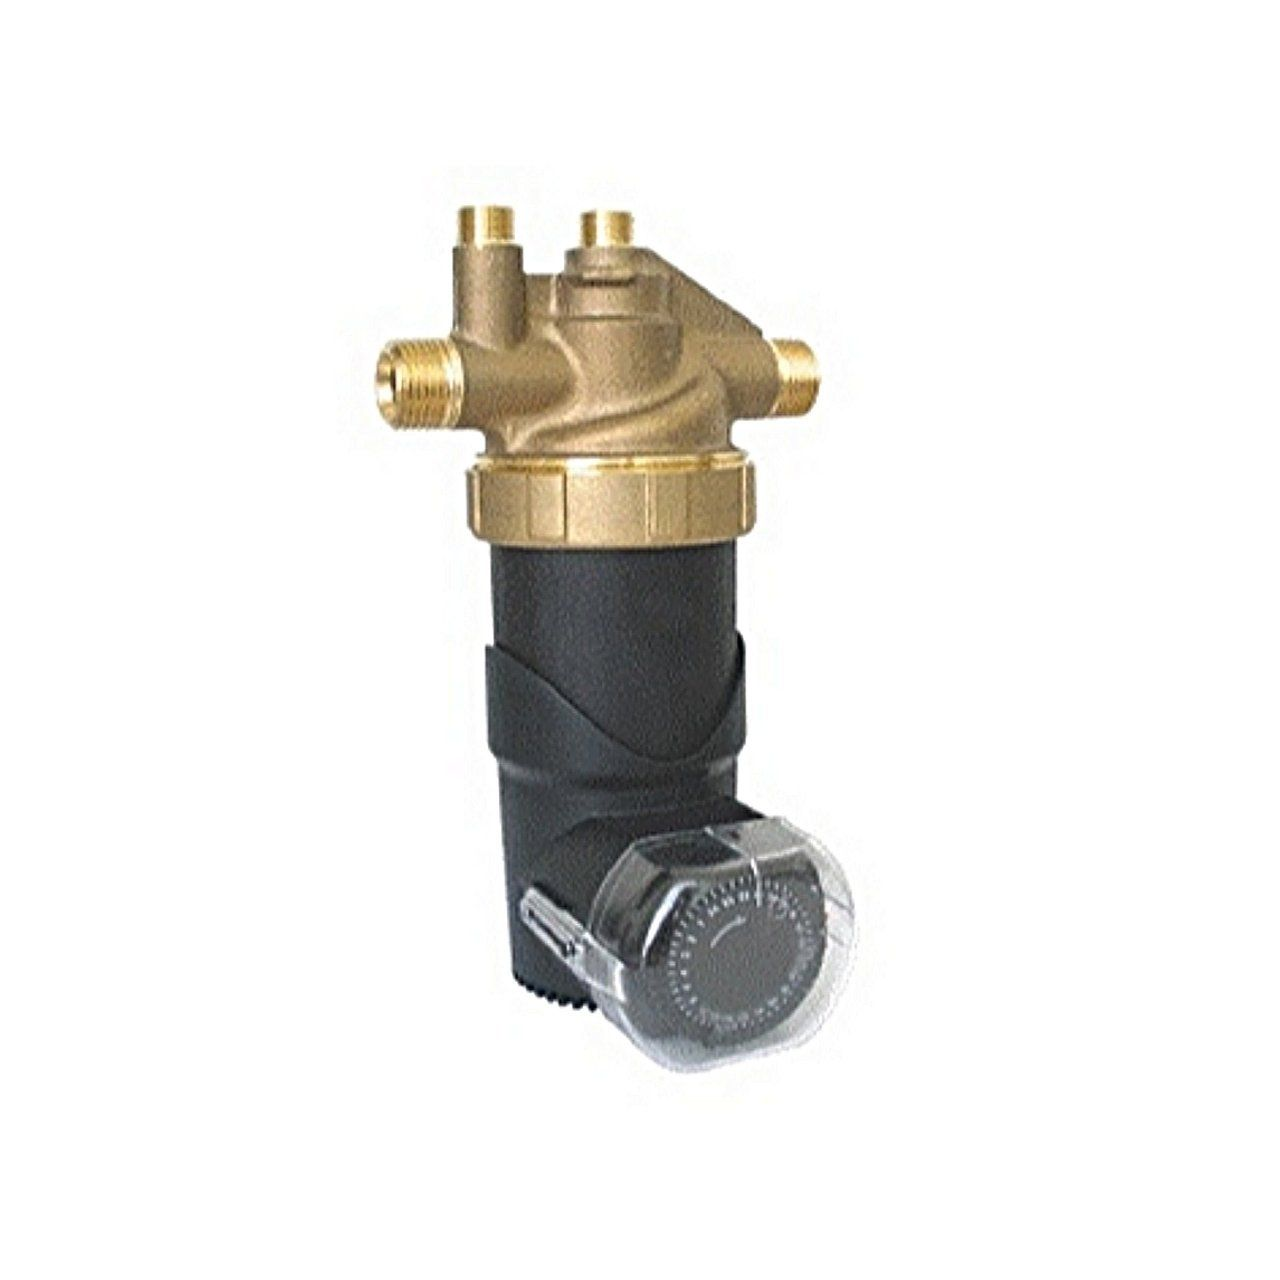 Best Hot Water Recirculating Pump Reviews 2018 Hot water